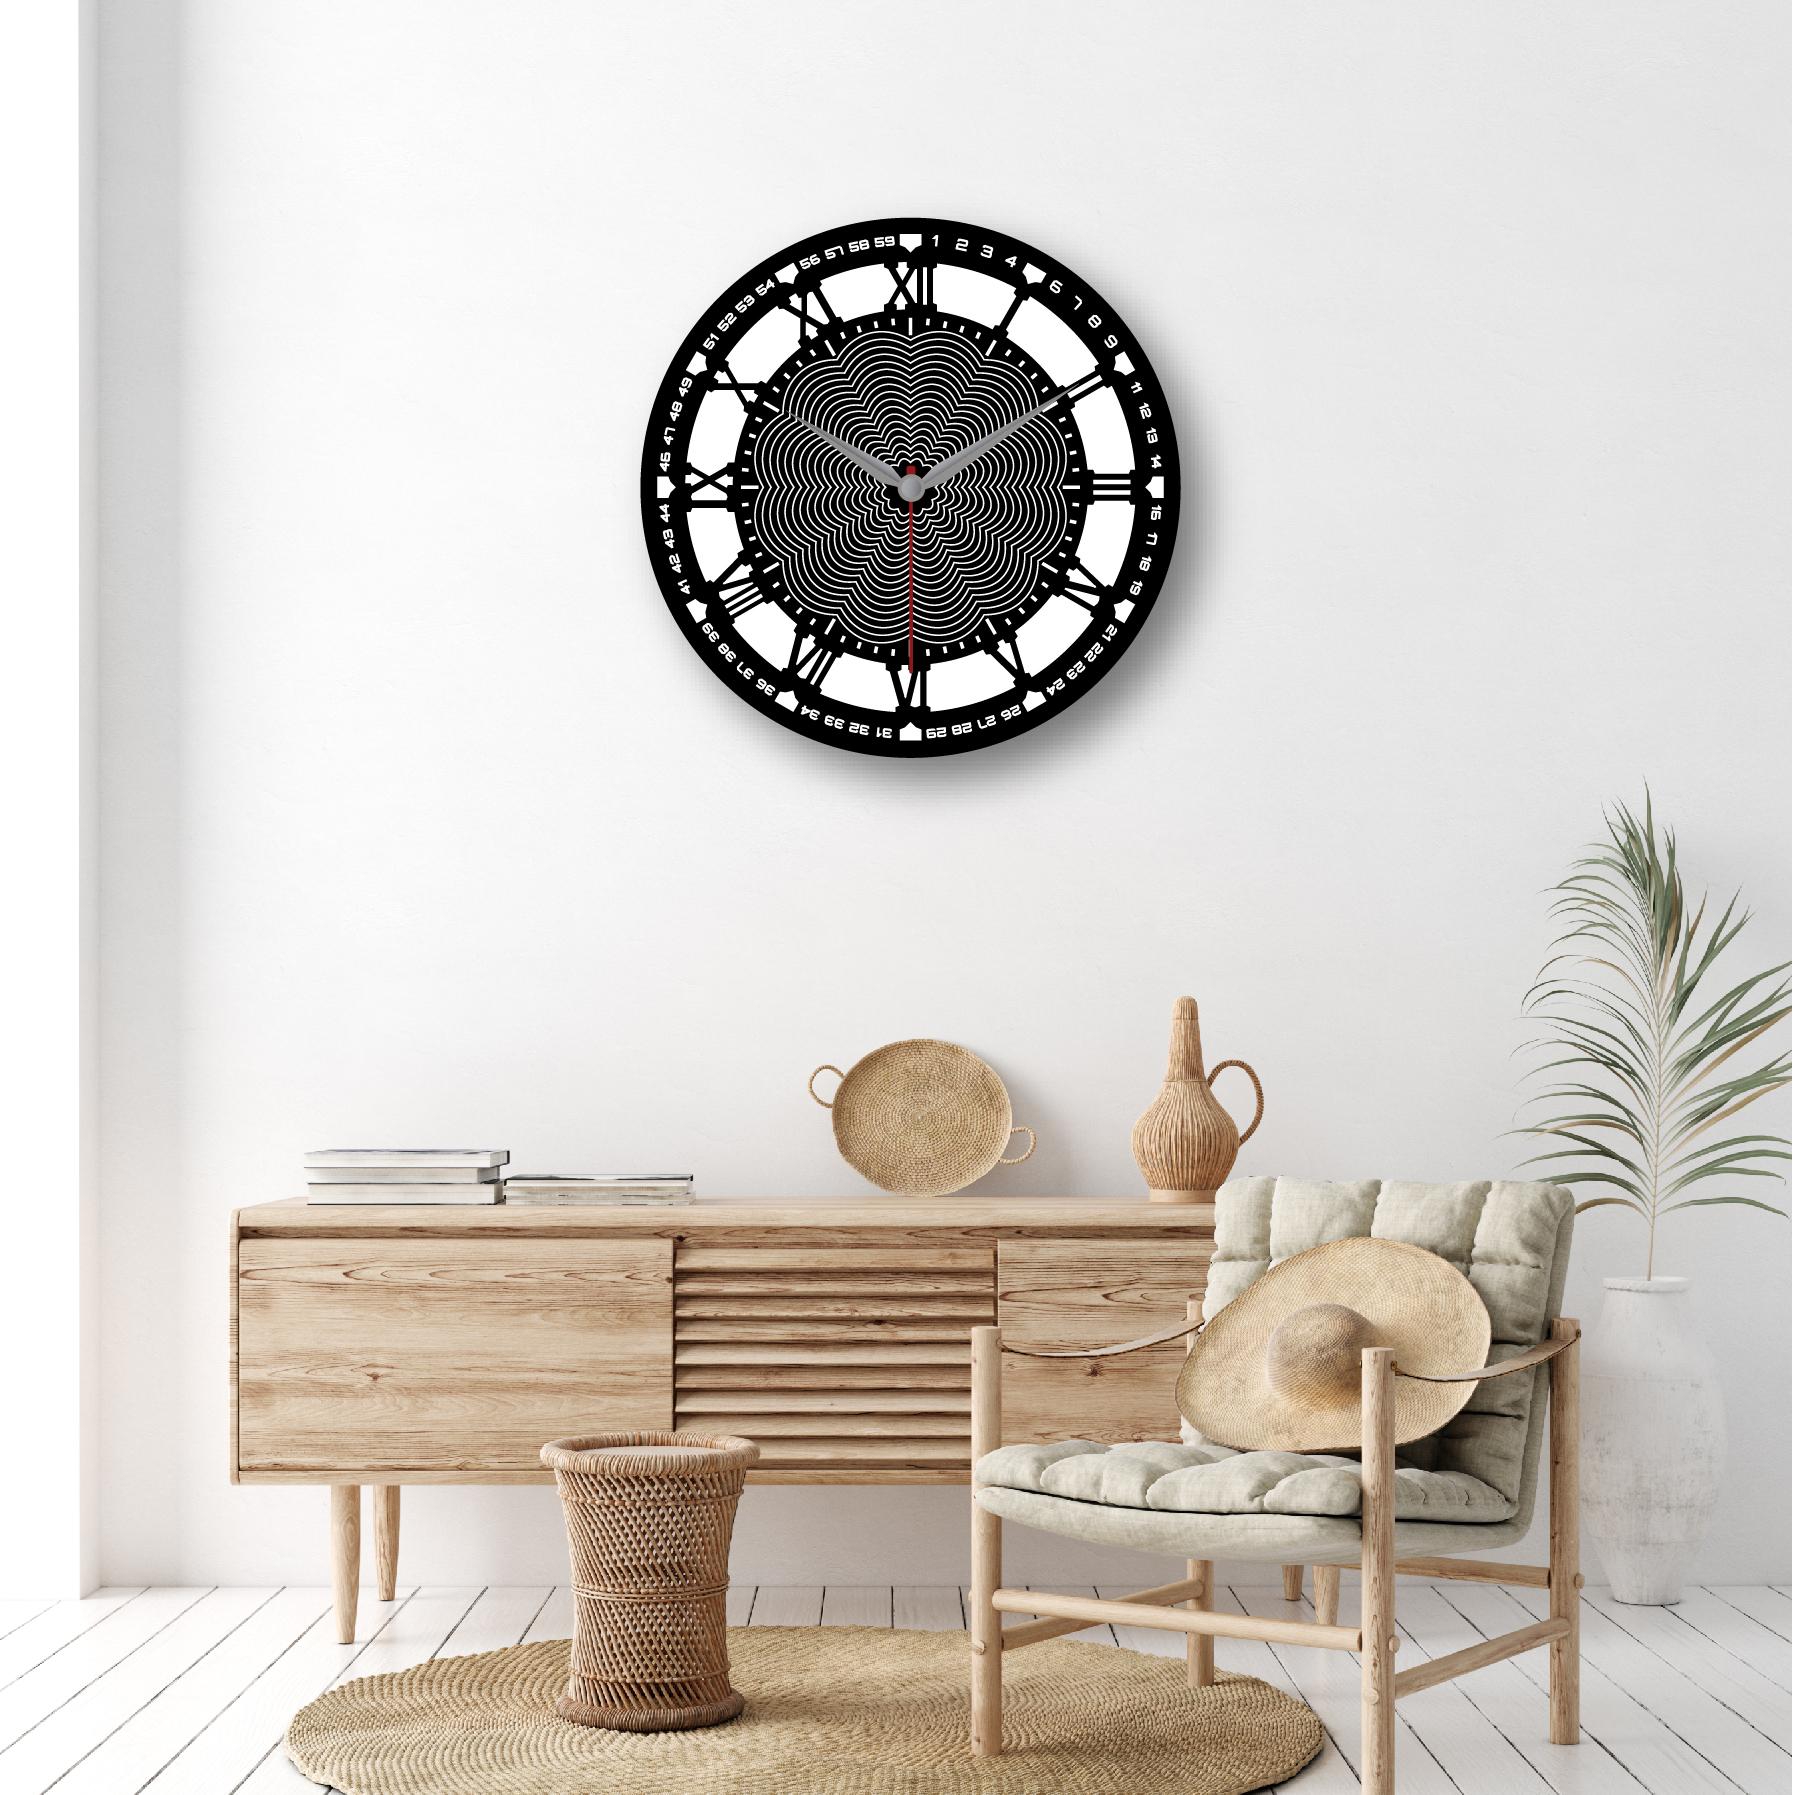 Dijital Baskılı Dekoratif Mdf Duvar Saati Model-10